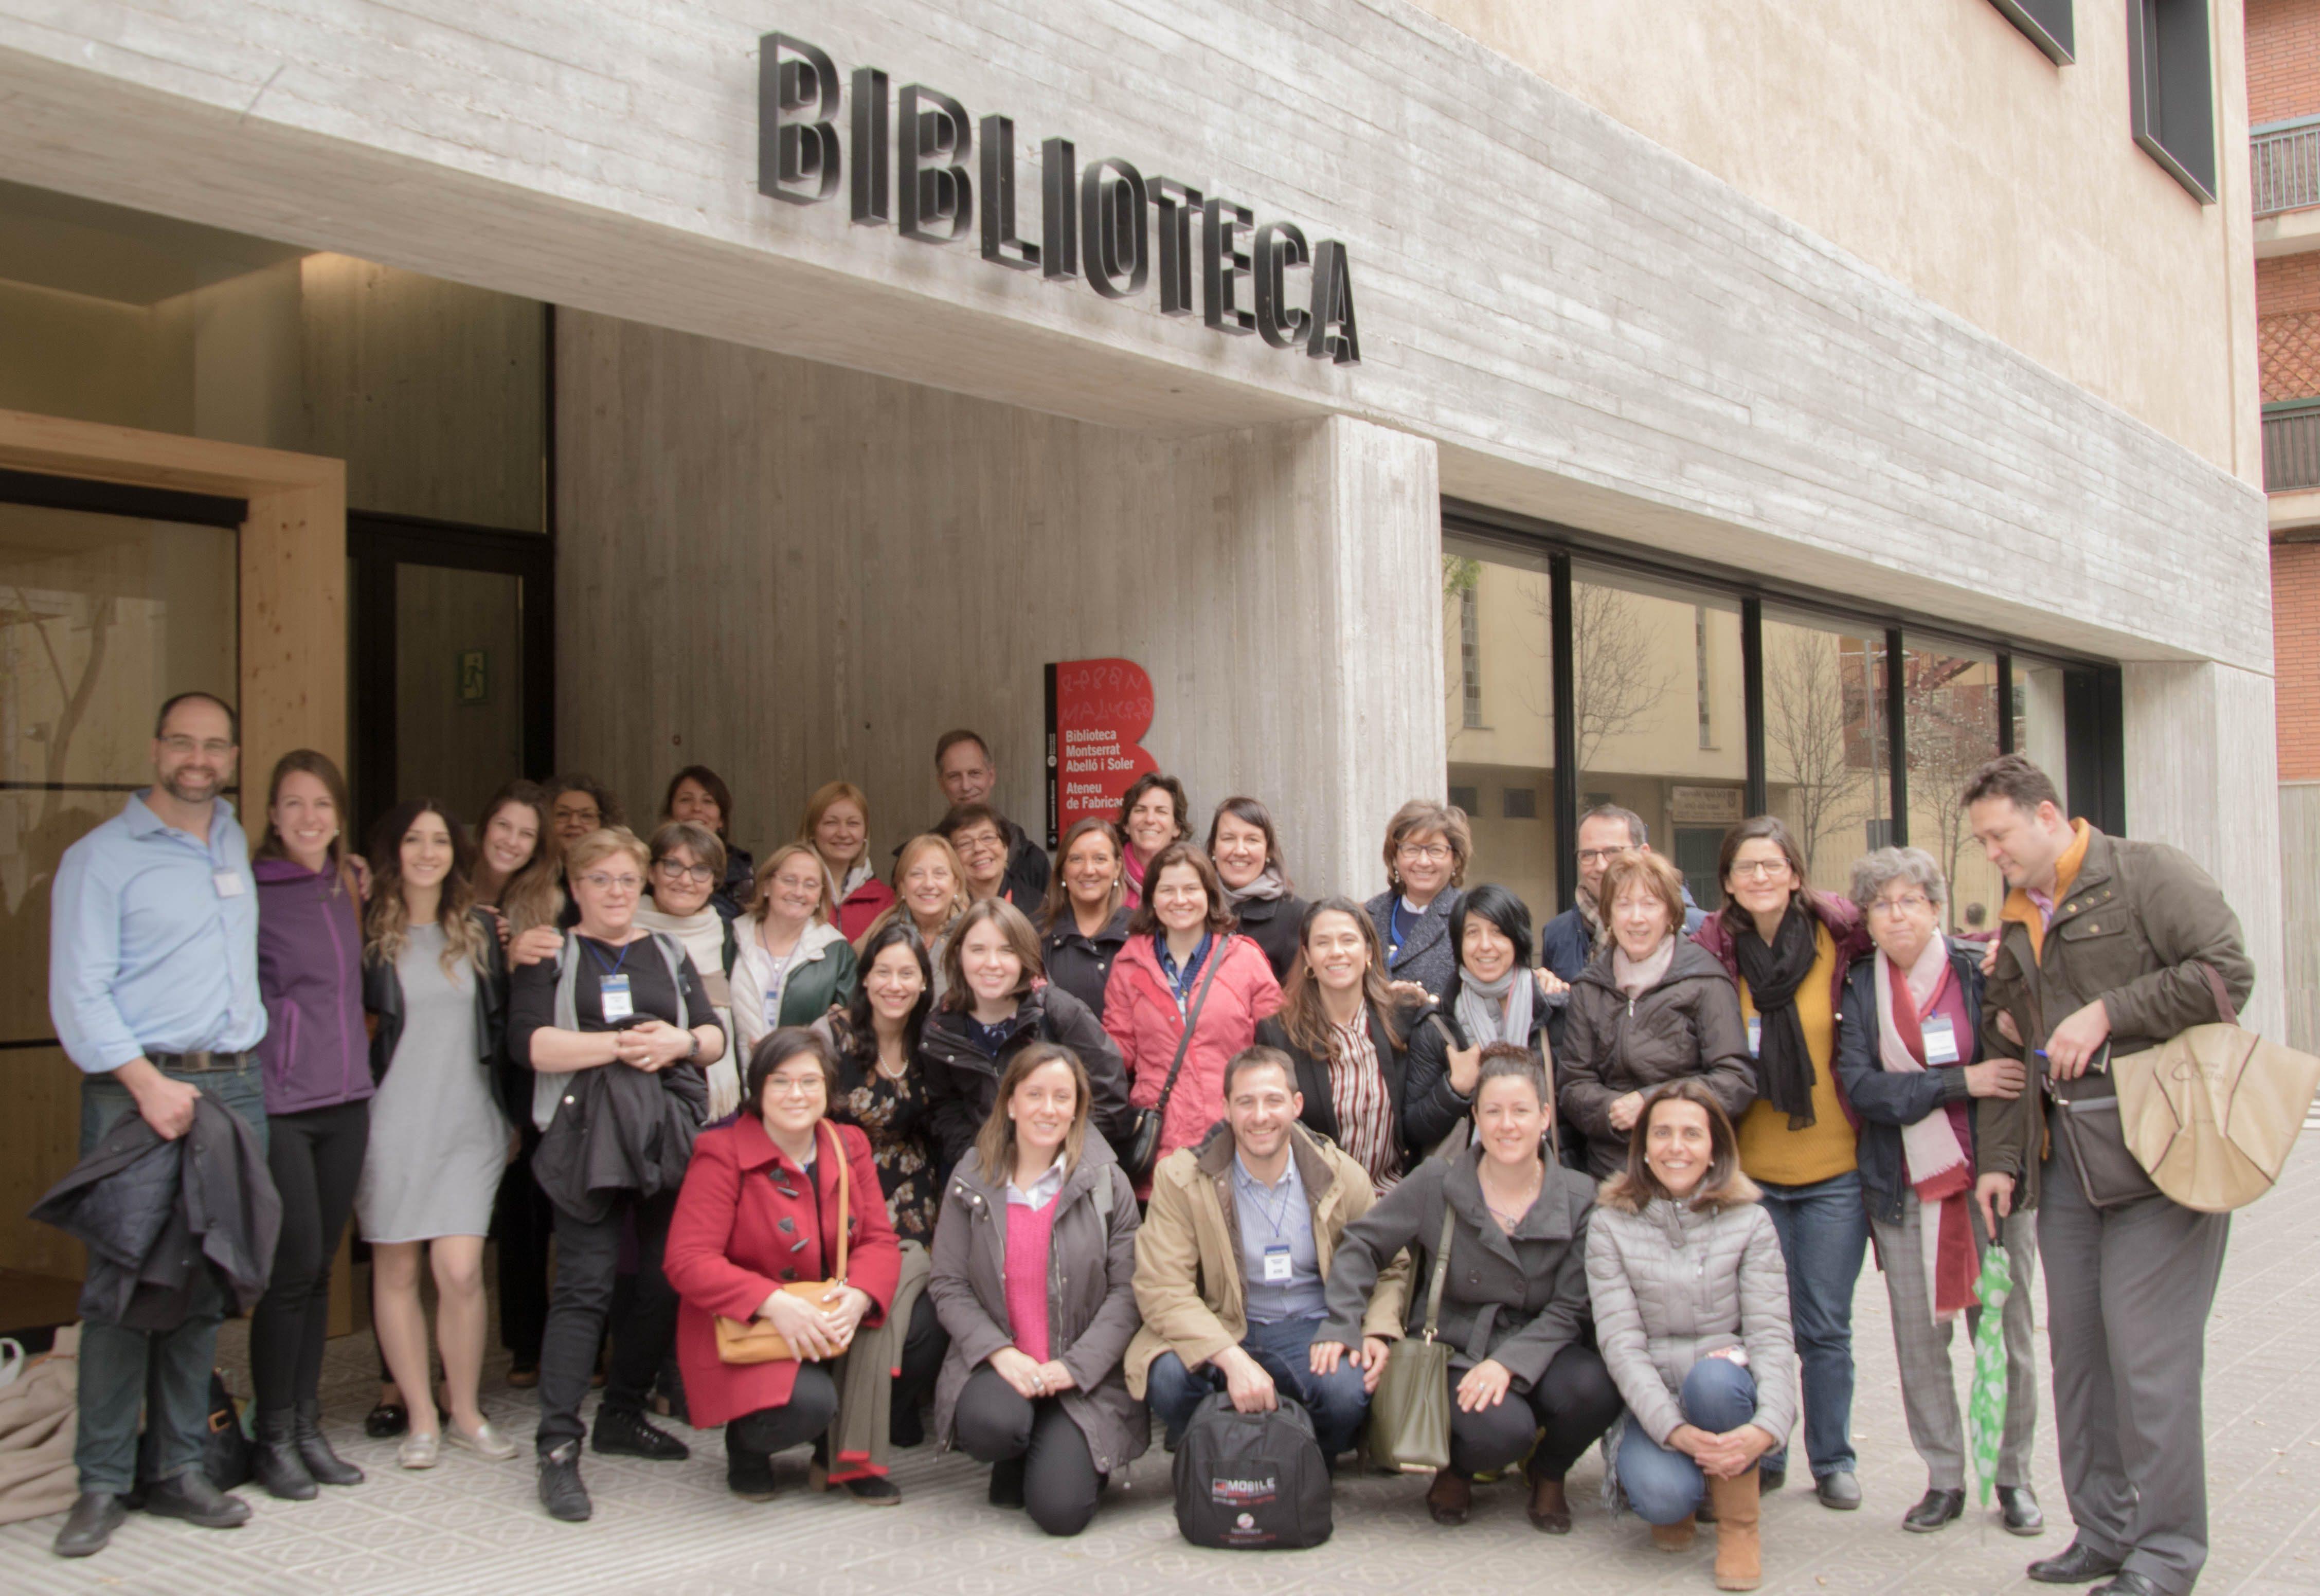 ... en Barcelona el X Encuentro Europeo de Logosofía donde se conmemoró el  25º aniversario de la Logosofía en Europa. Participaron estudiantes de  España 49d2d7dc19a